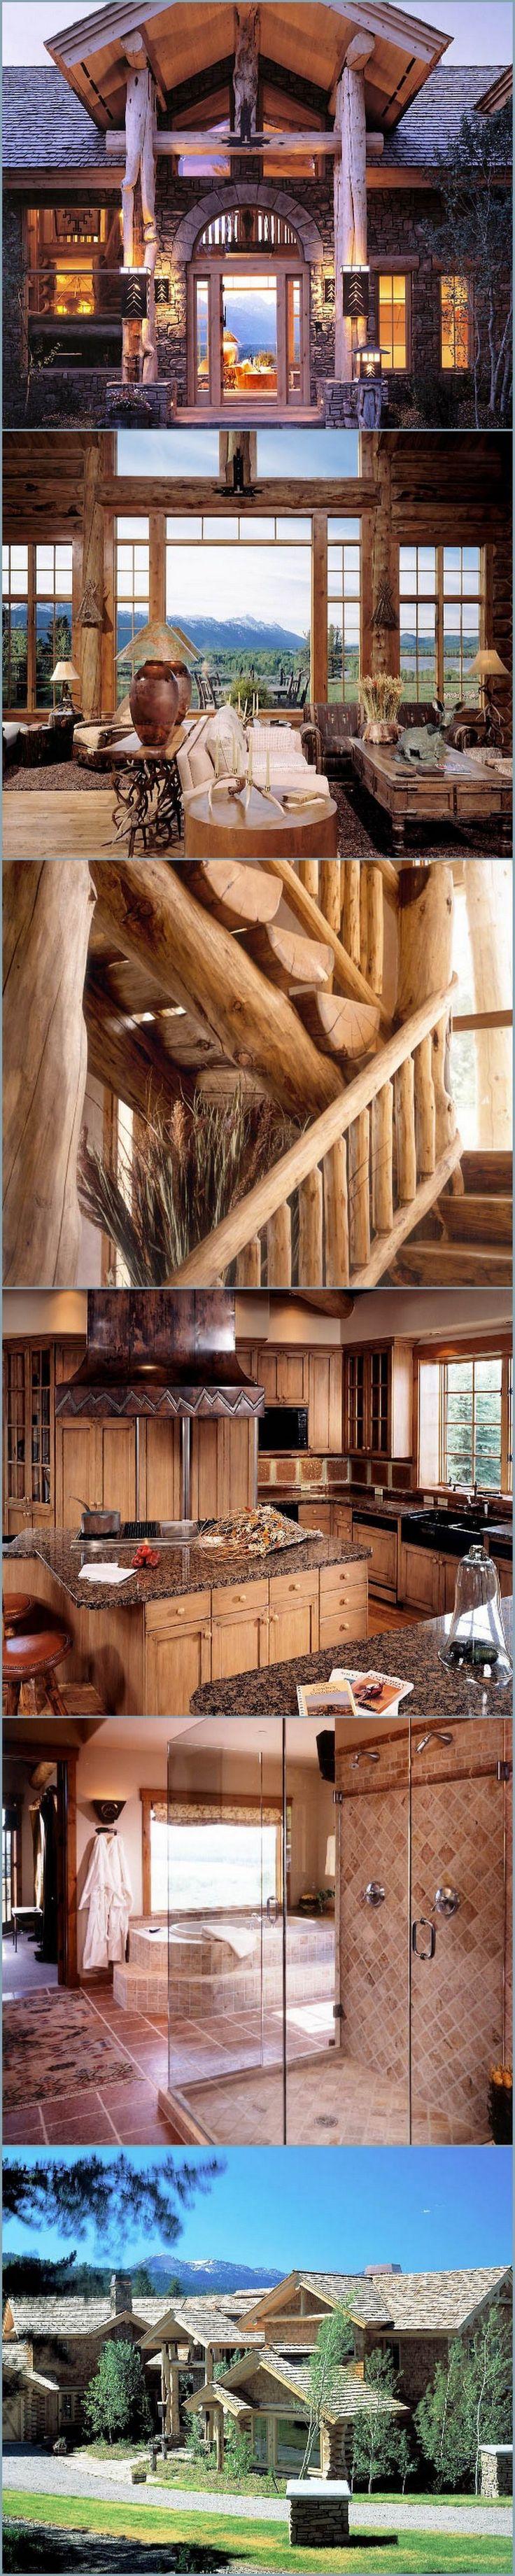 Forest Ledge Custom Log Home by Architect Eliot Goss @styleestate